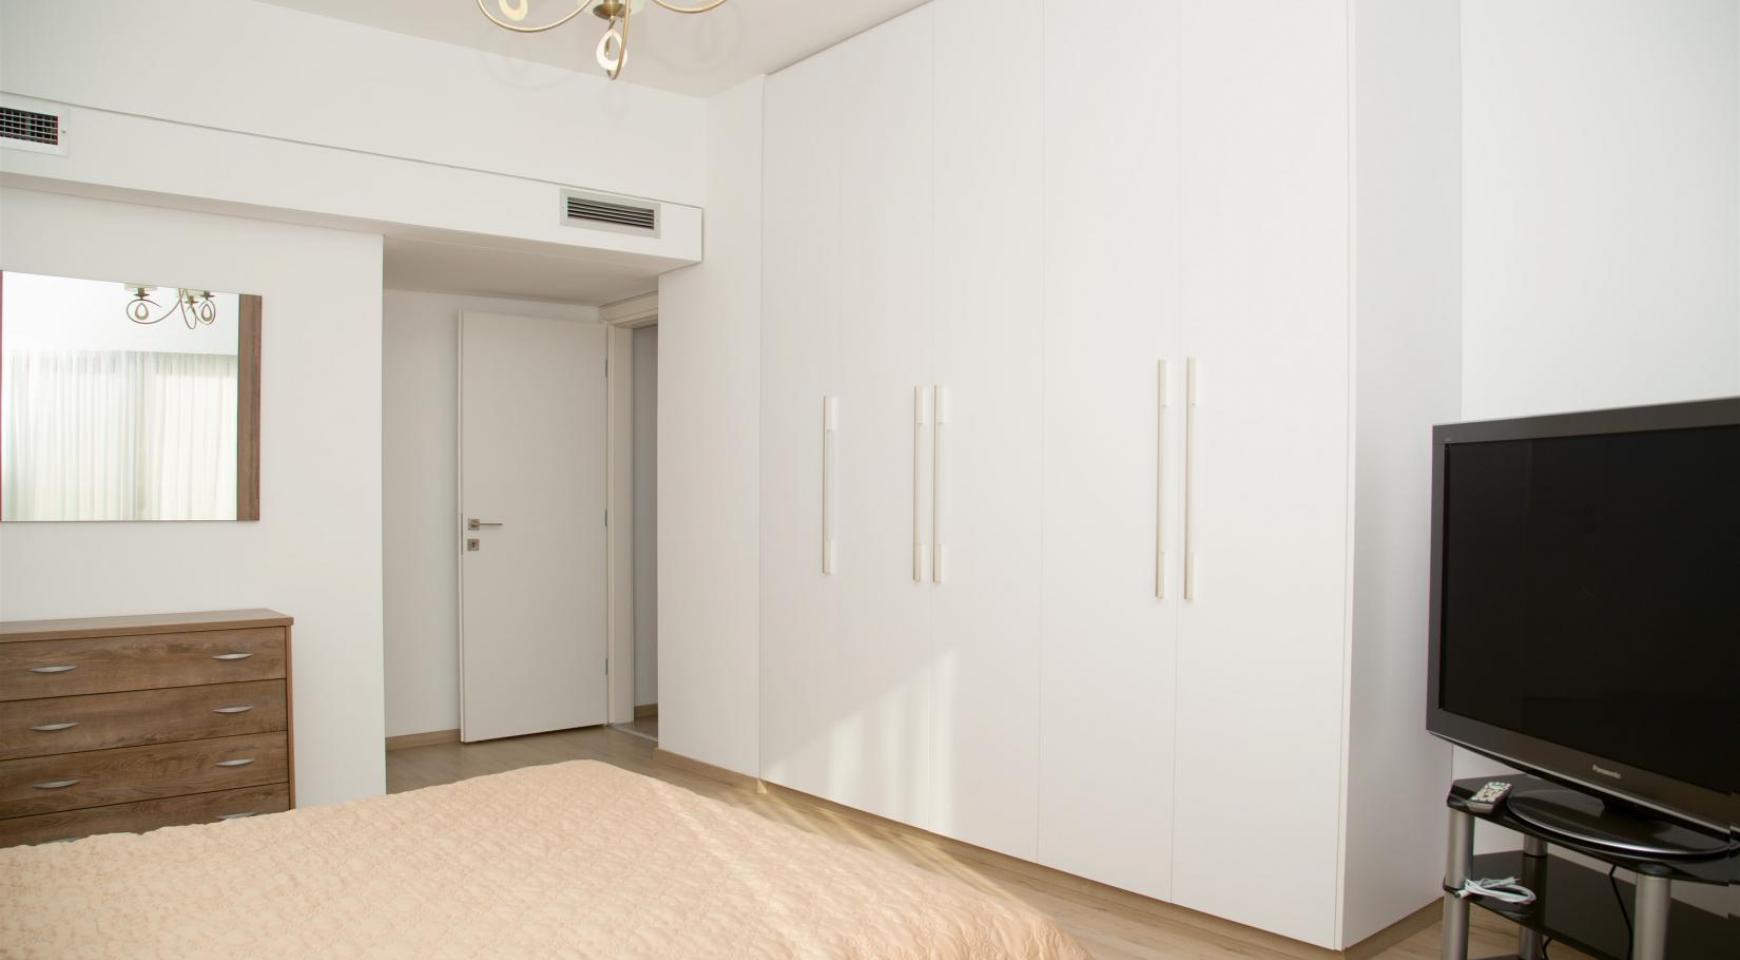 Полностью Отремонтированная 3-Спальная Квартира Класса Люкс на Первой Линии от Моря - 17